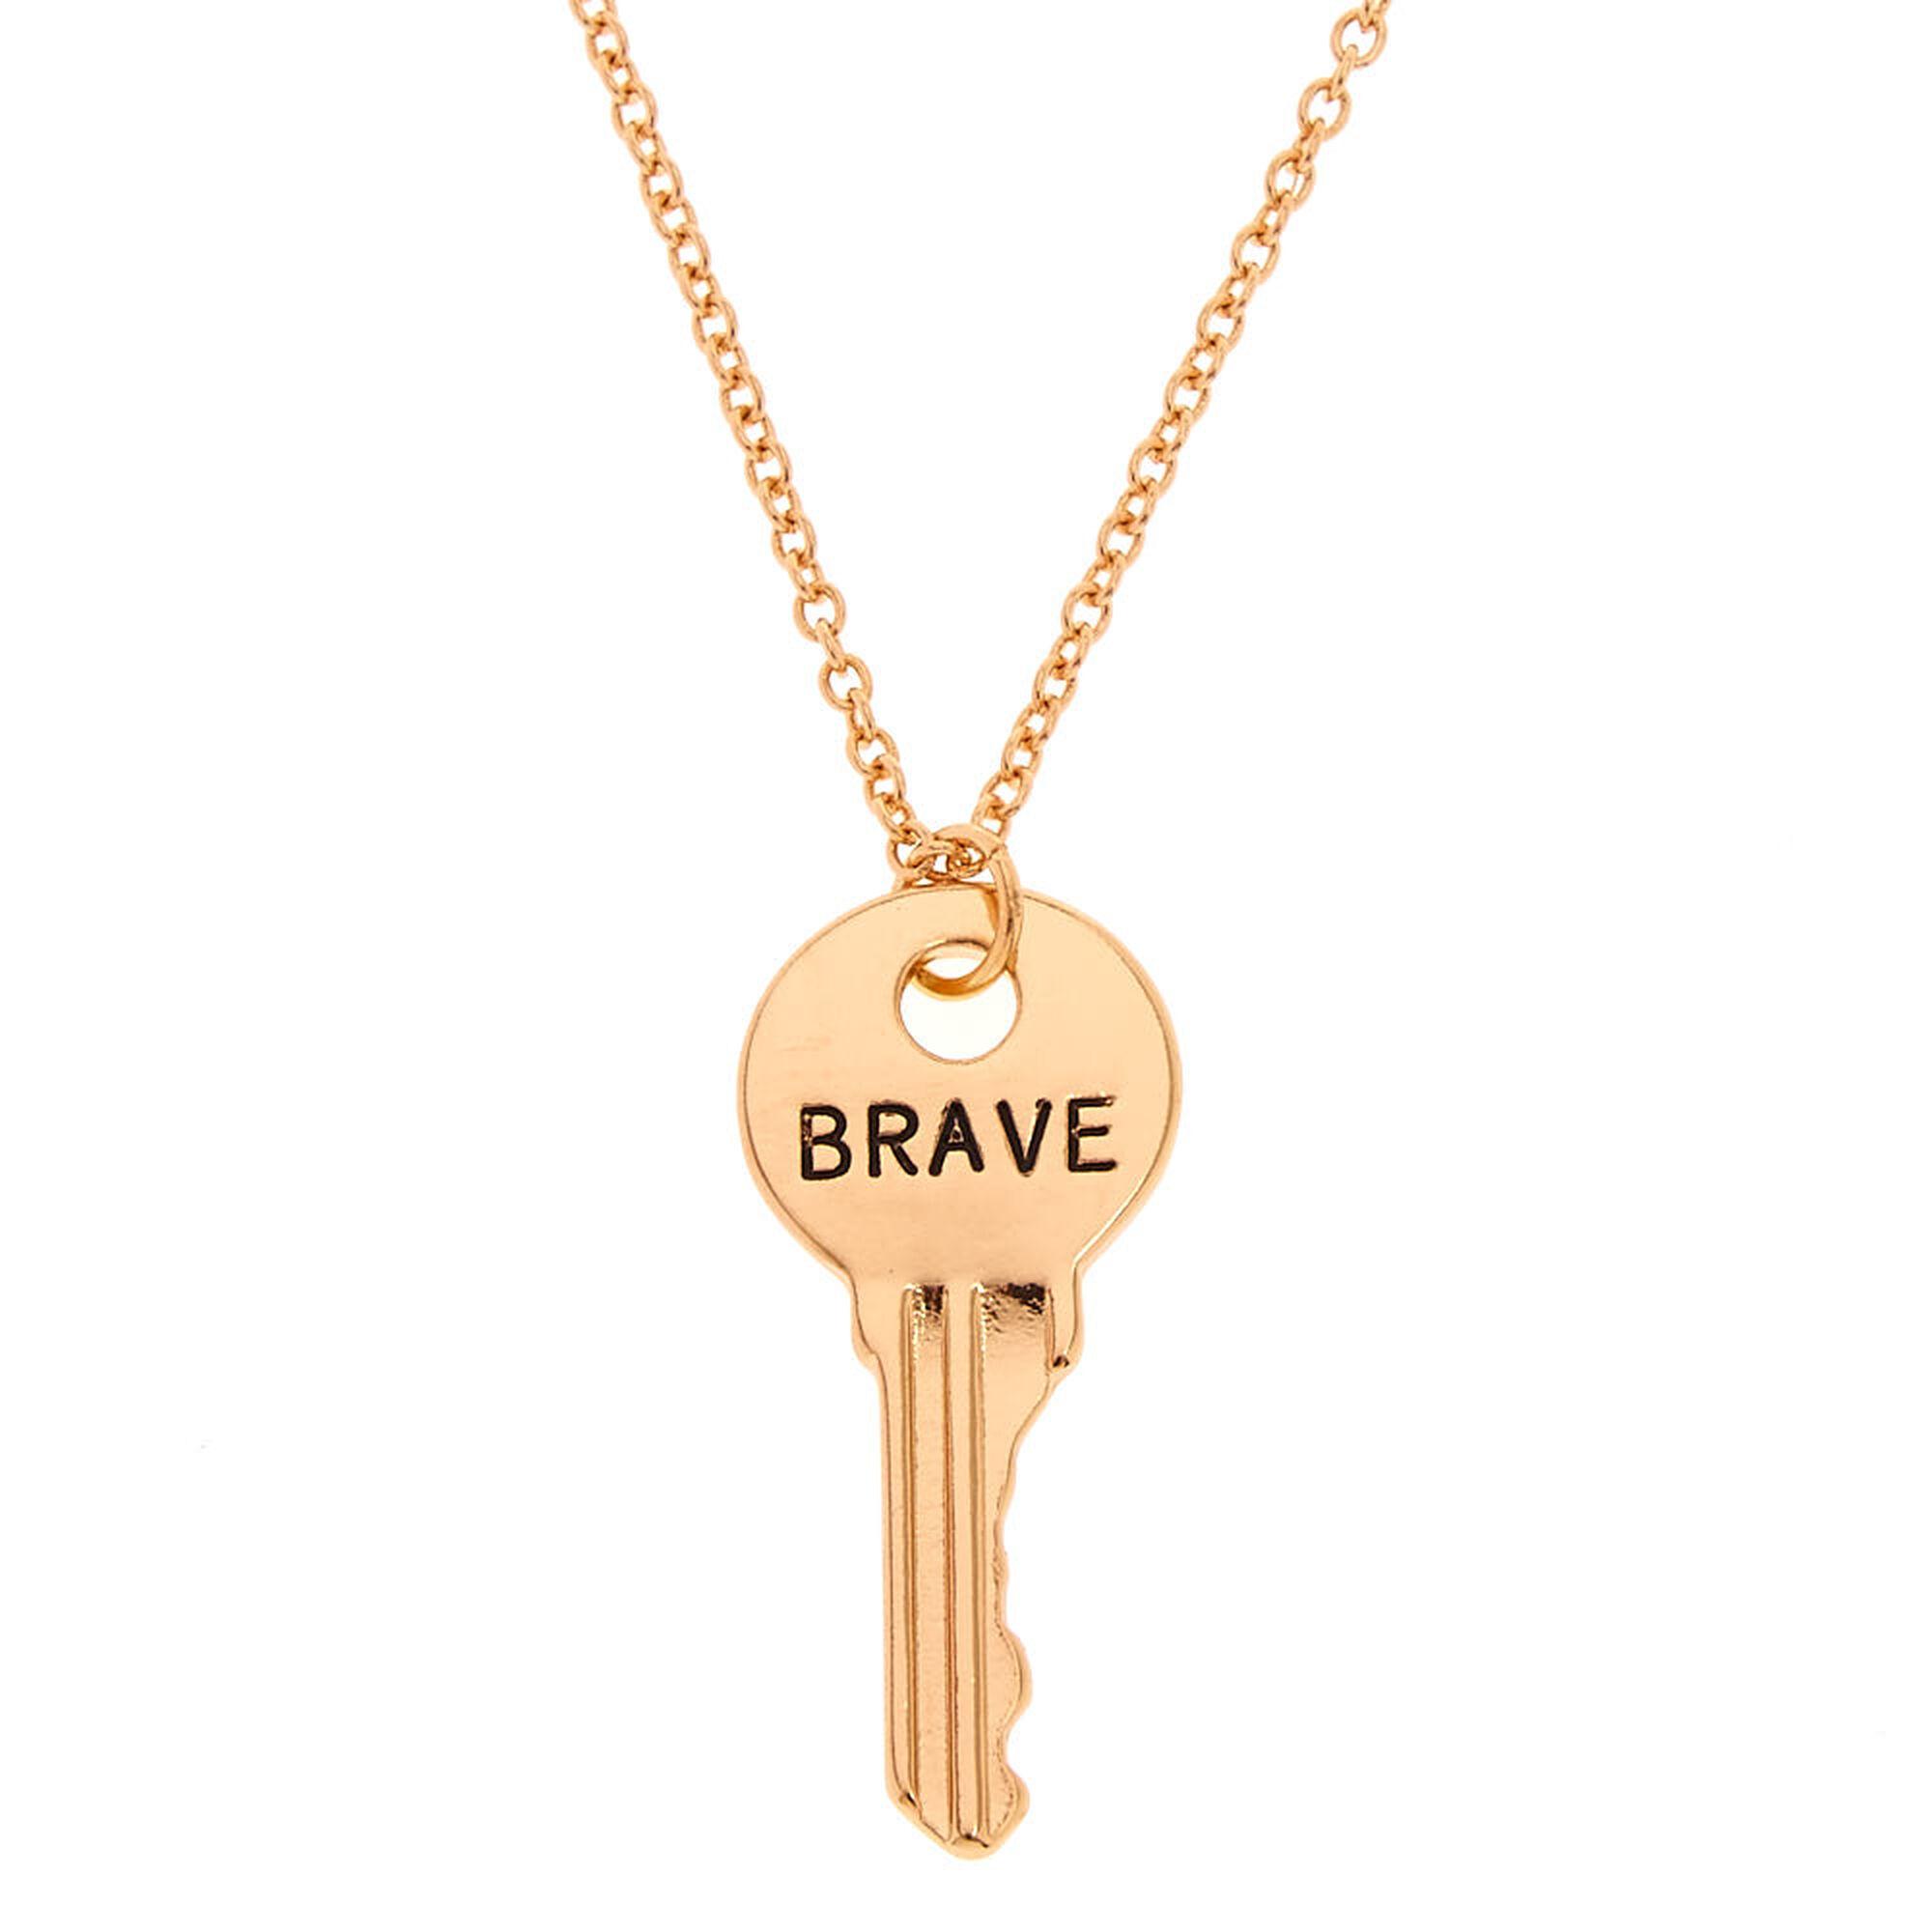 Gold tone brave key pendant necklace claires us gold tone brave key pendant necklace mozeypictures Choice Image